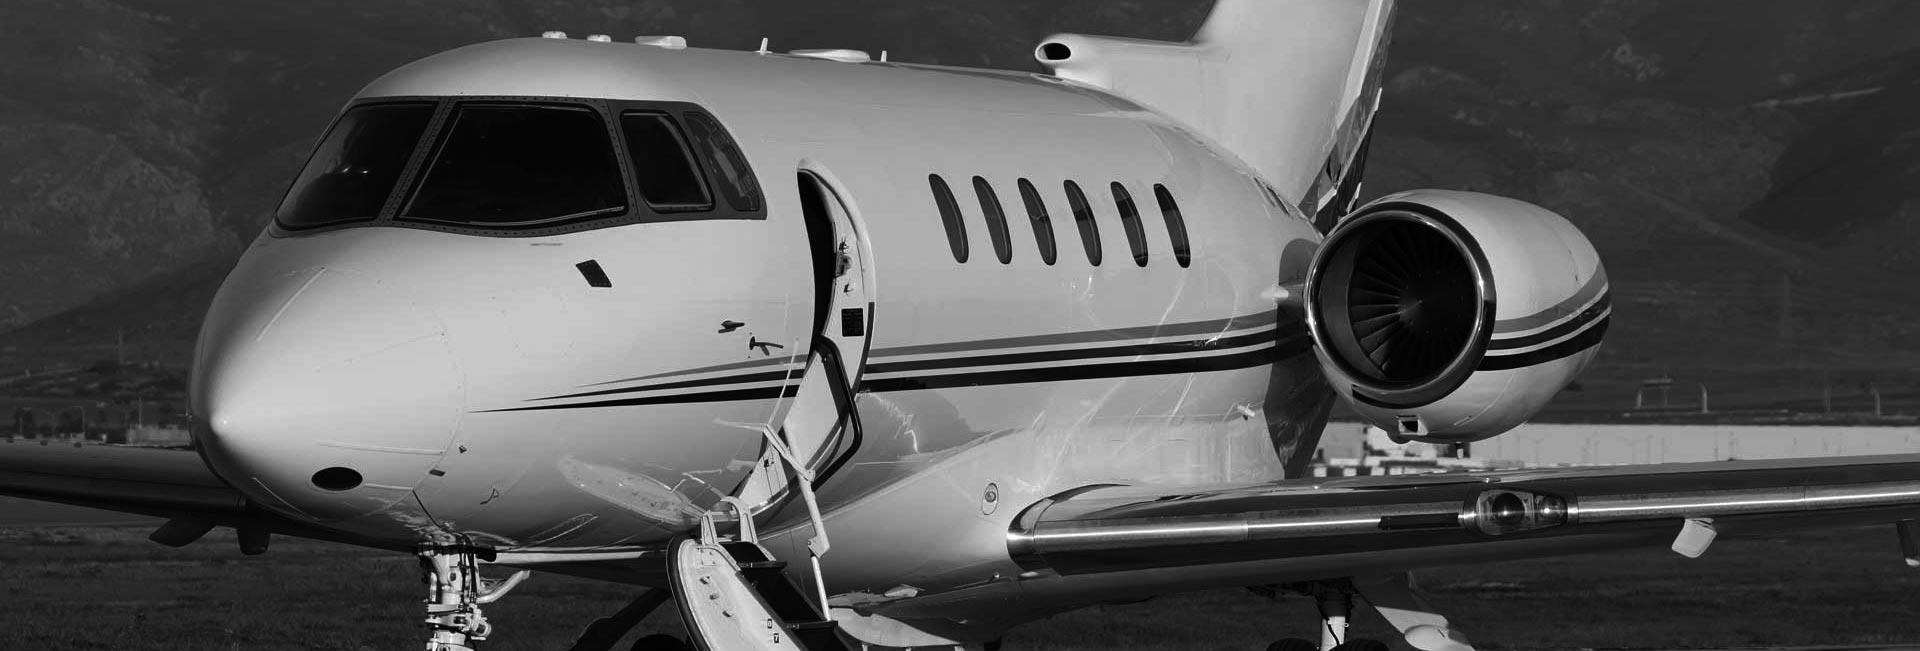 Location jet privé, un rêve qui deviendra un jour réalité pour moi